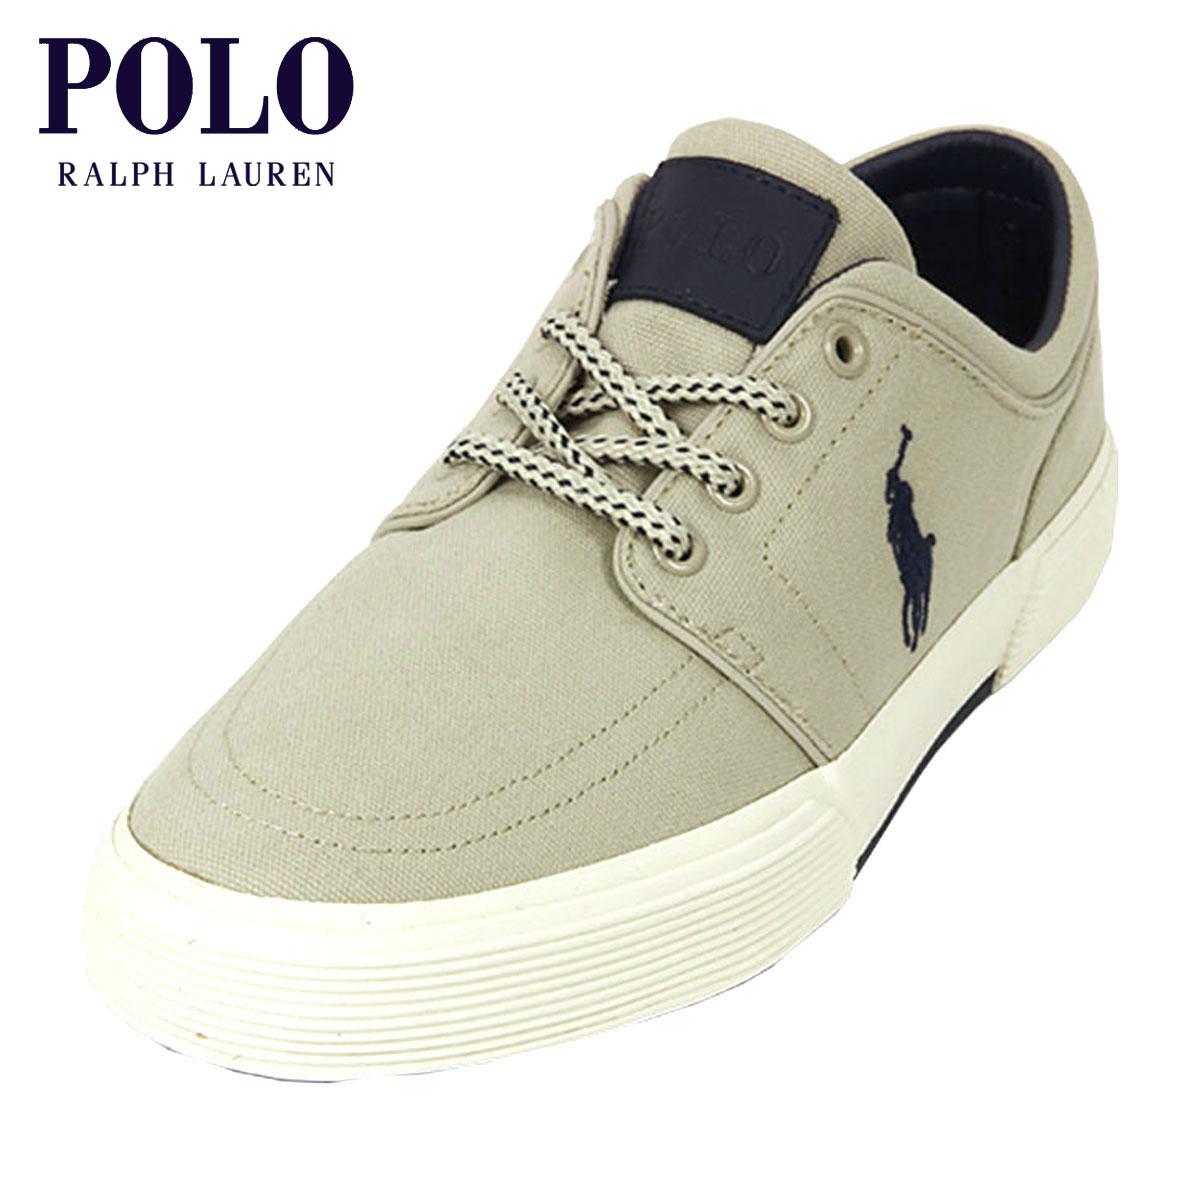 ポロ ラルフローレン POLO RALPH LAUREN 正規品 メンズ 靴 シューズ CANVAS FAXON LOW SNEAKER D00S20 父の日